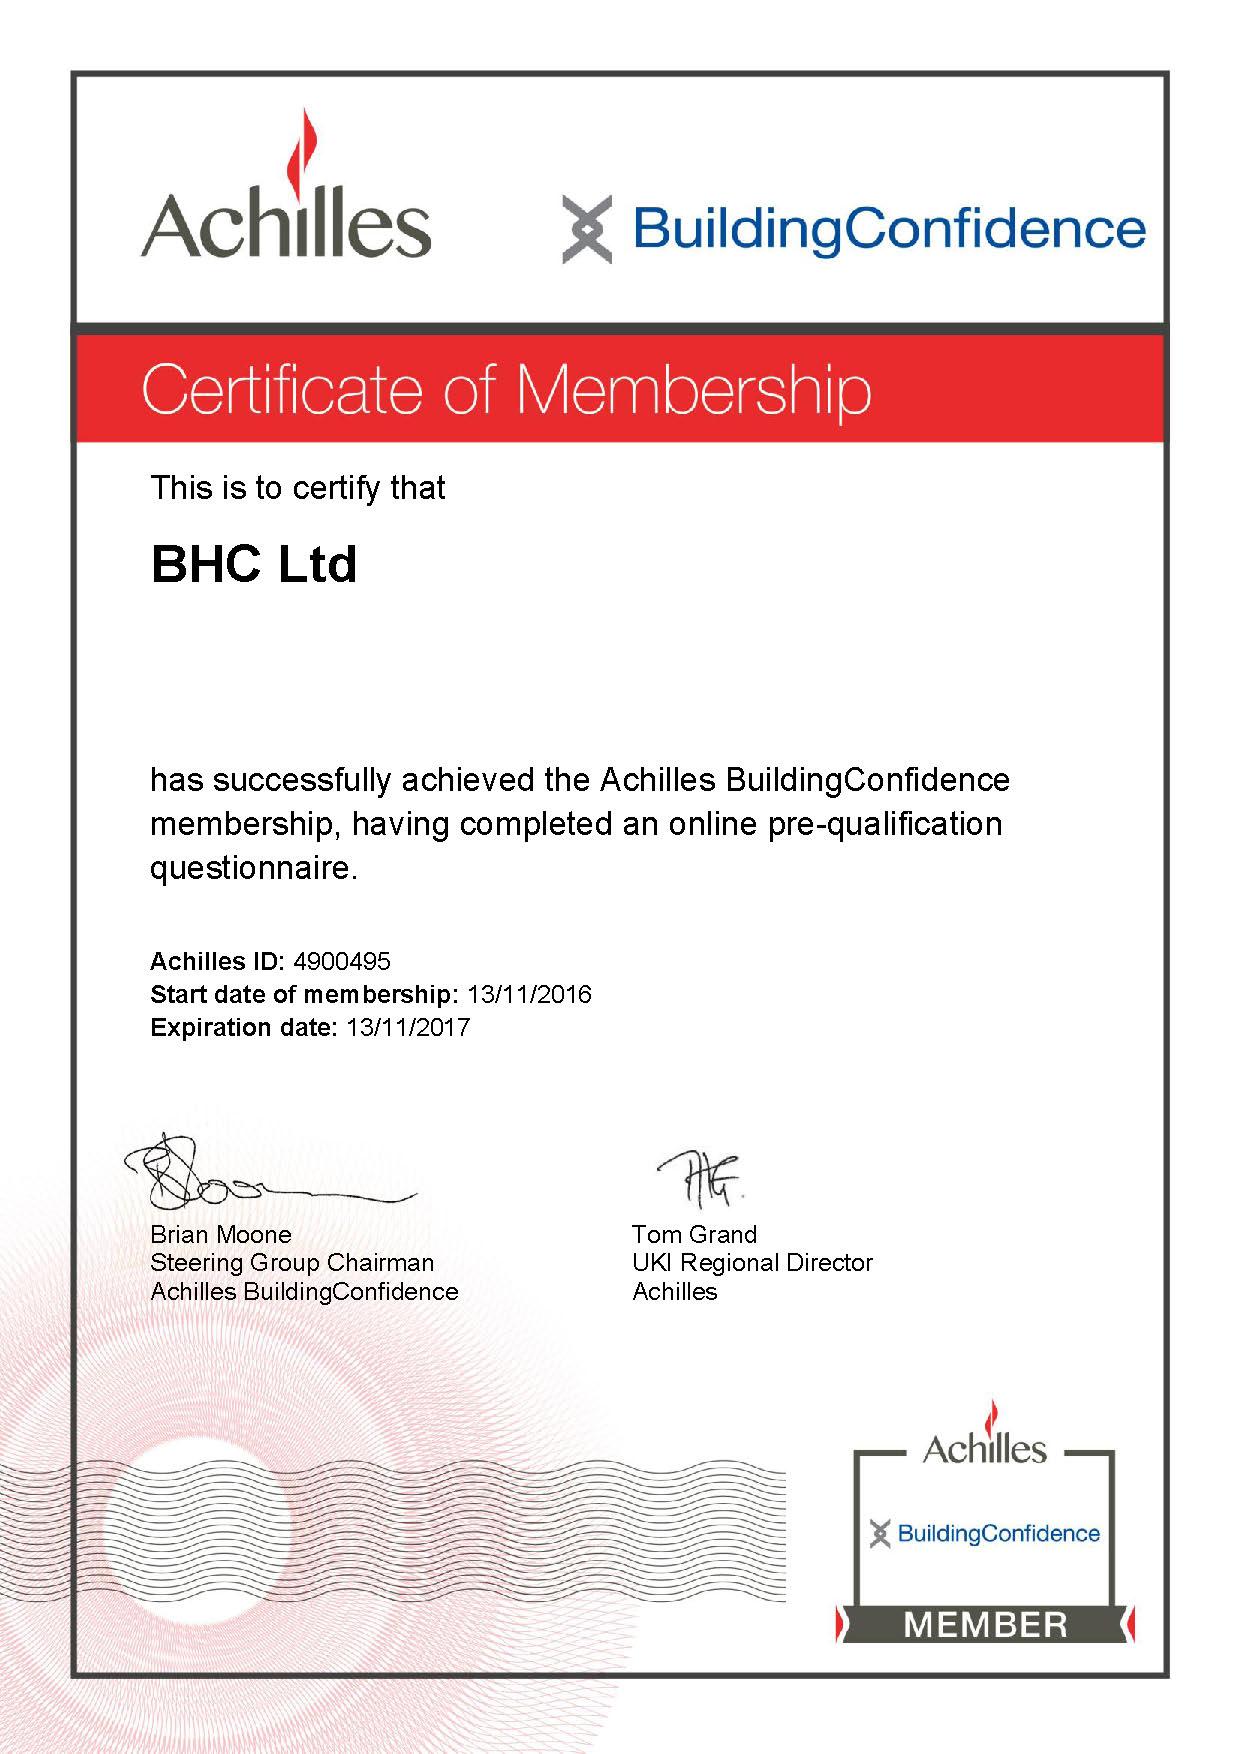 BHC Ltd (@bhc_ltd) • Instagram photos and videos